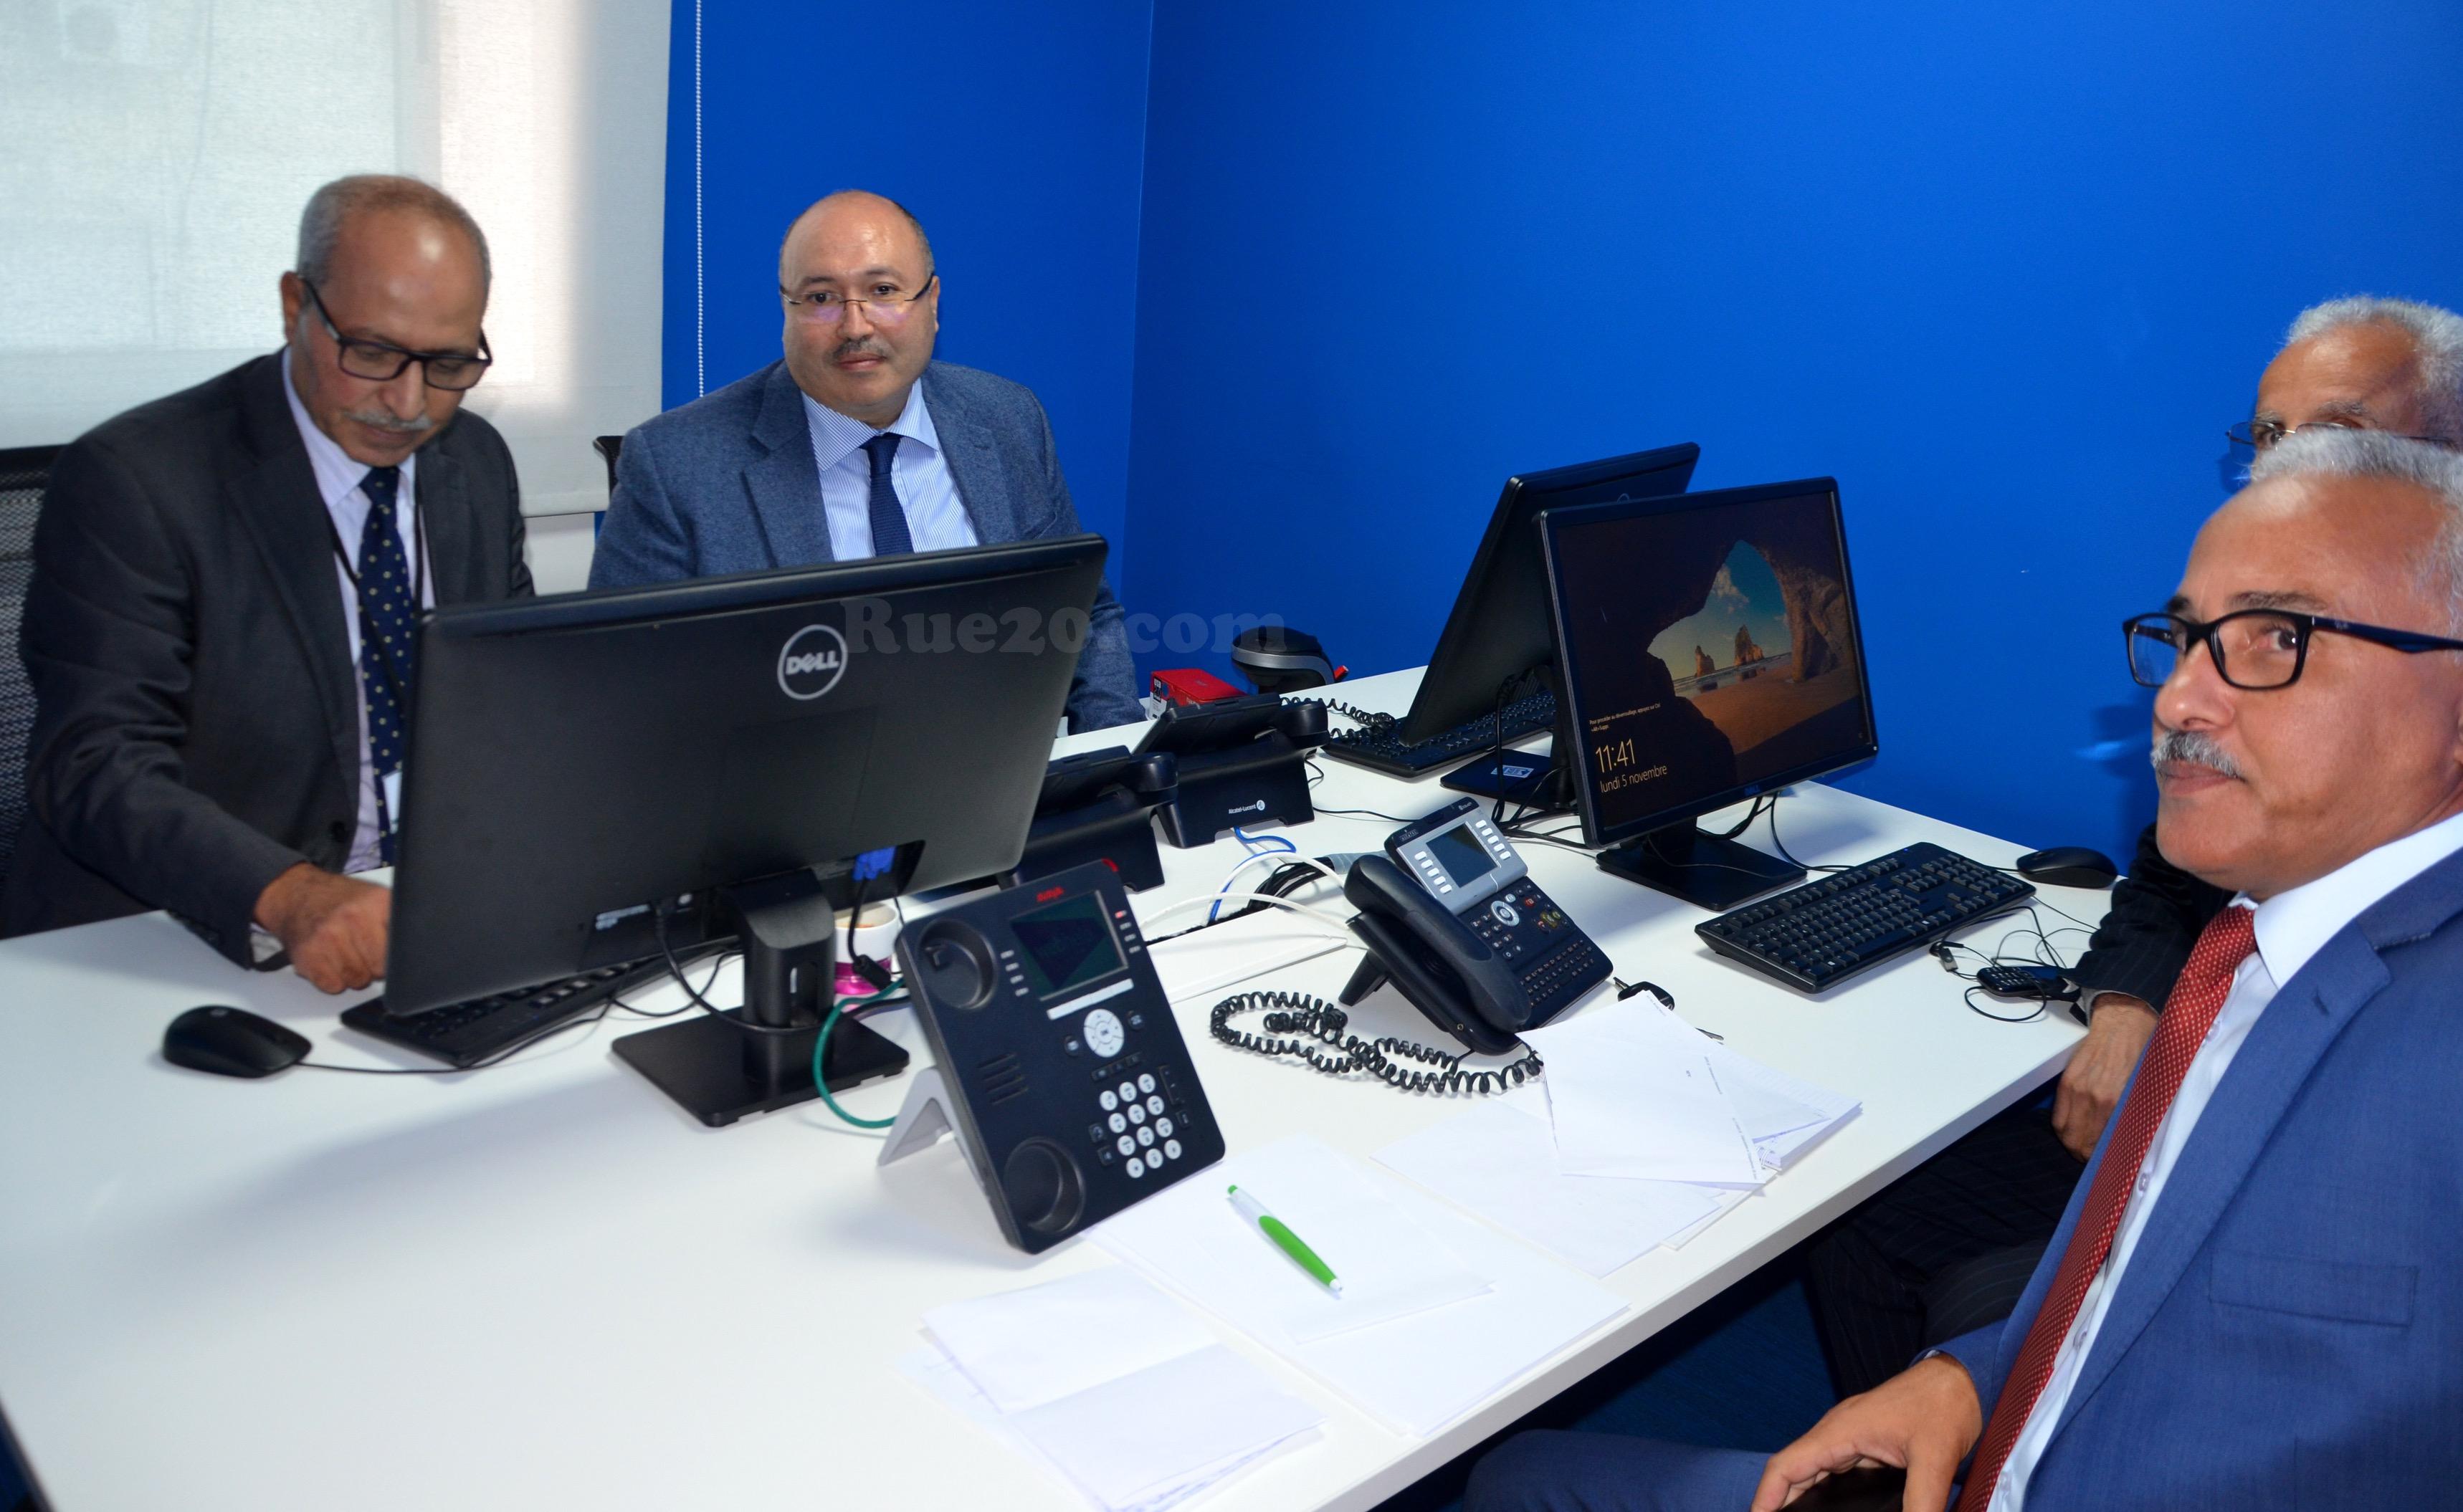 فيديو وصور/الخارجية تطلق 'مركز نداء' لخِدمة مغاربة العالم بسبع لغات دون التنقل للقنصليات